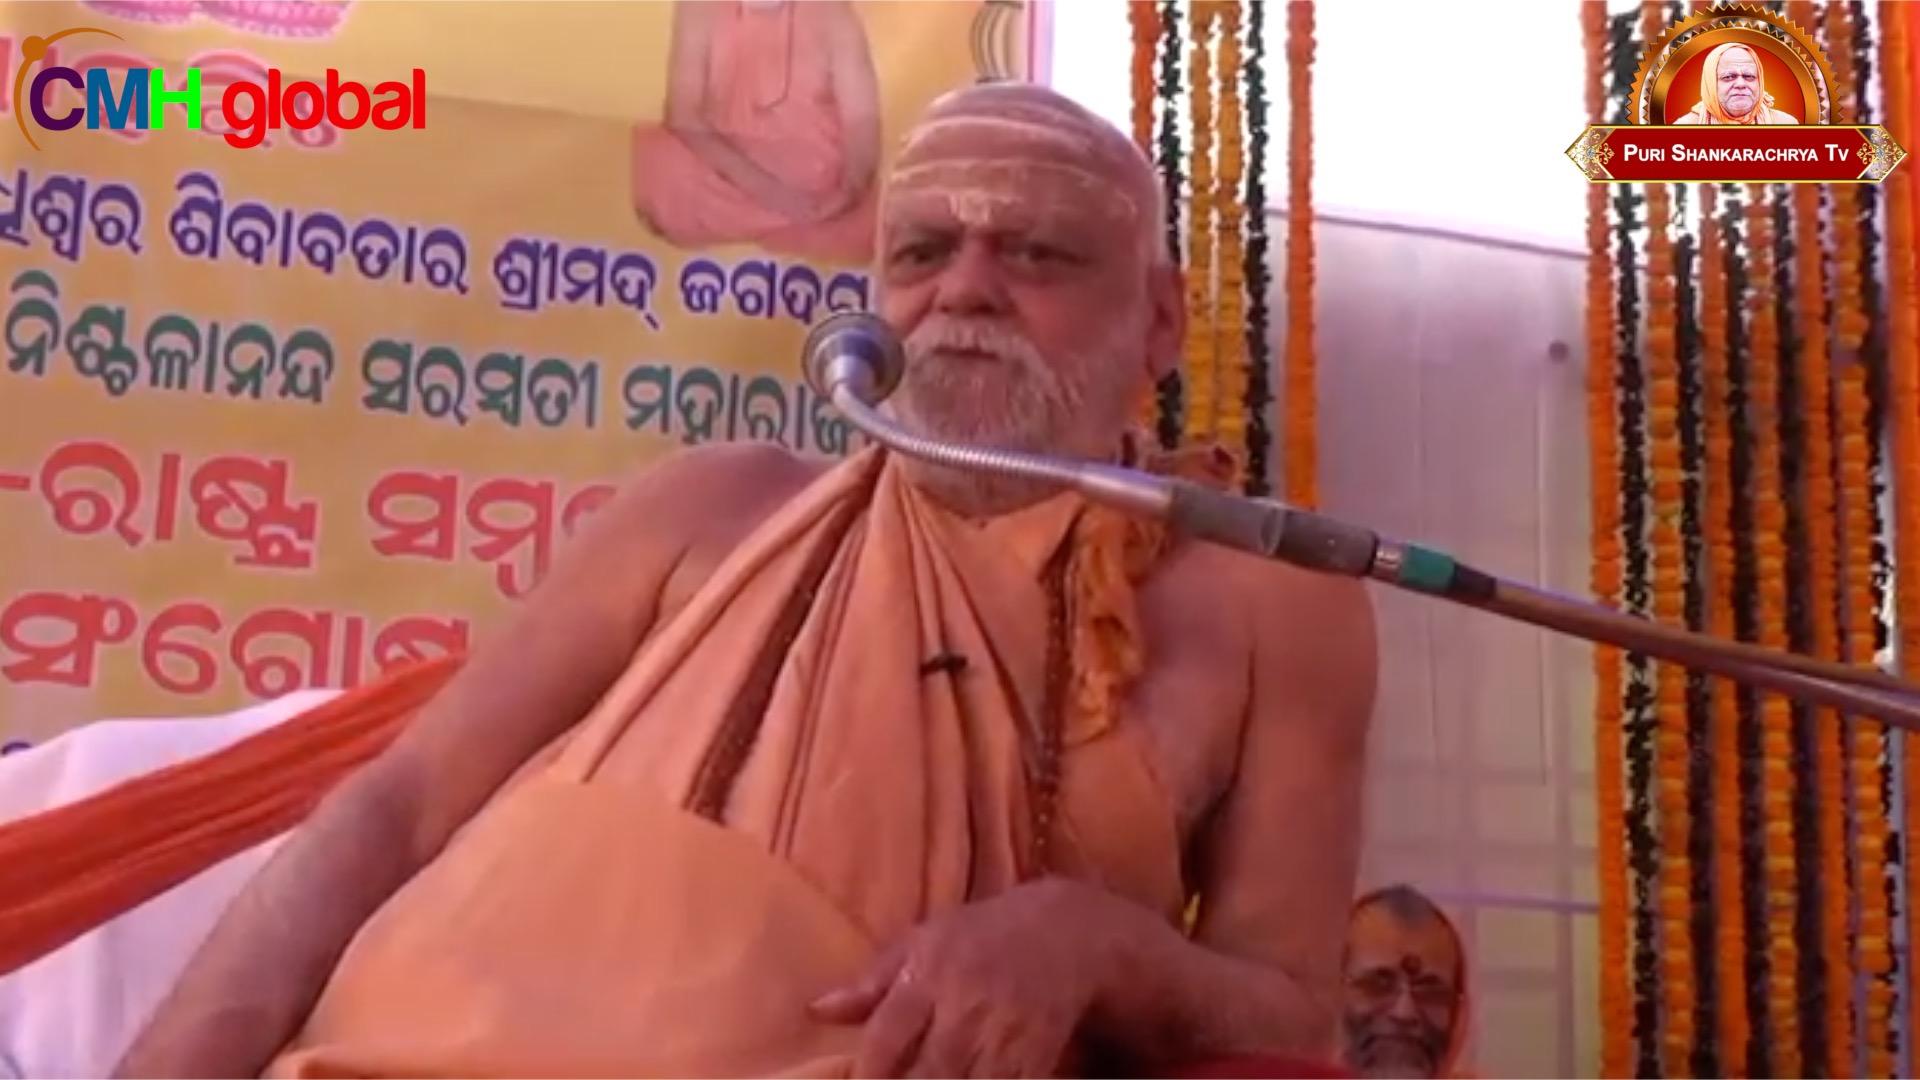 Pravachan Ep -08 by Puri Shankaracharya Swami Nishchalananda Saraswati Ji